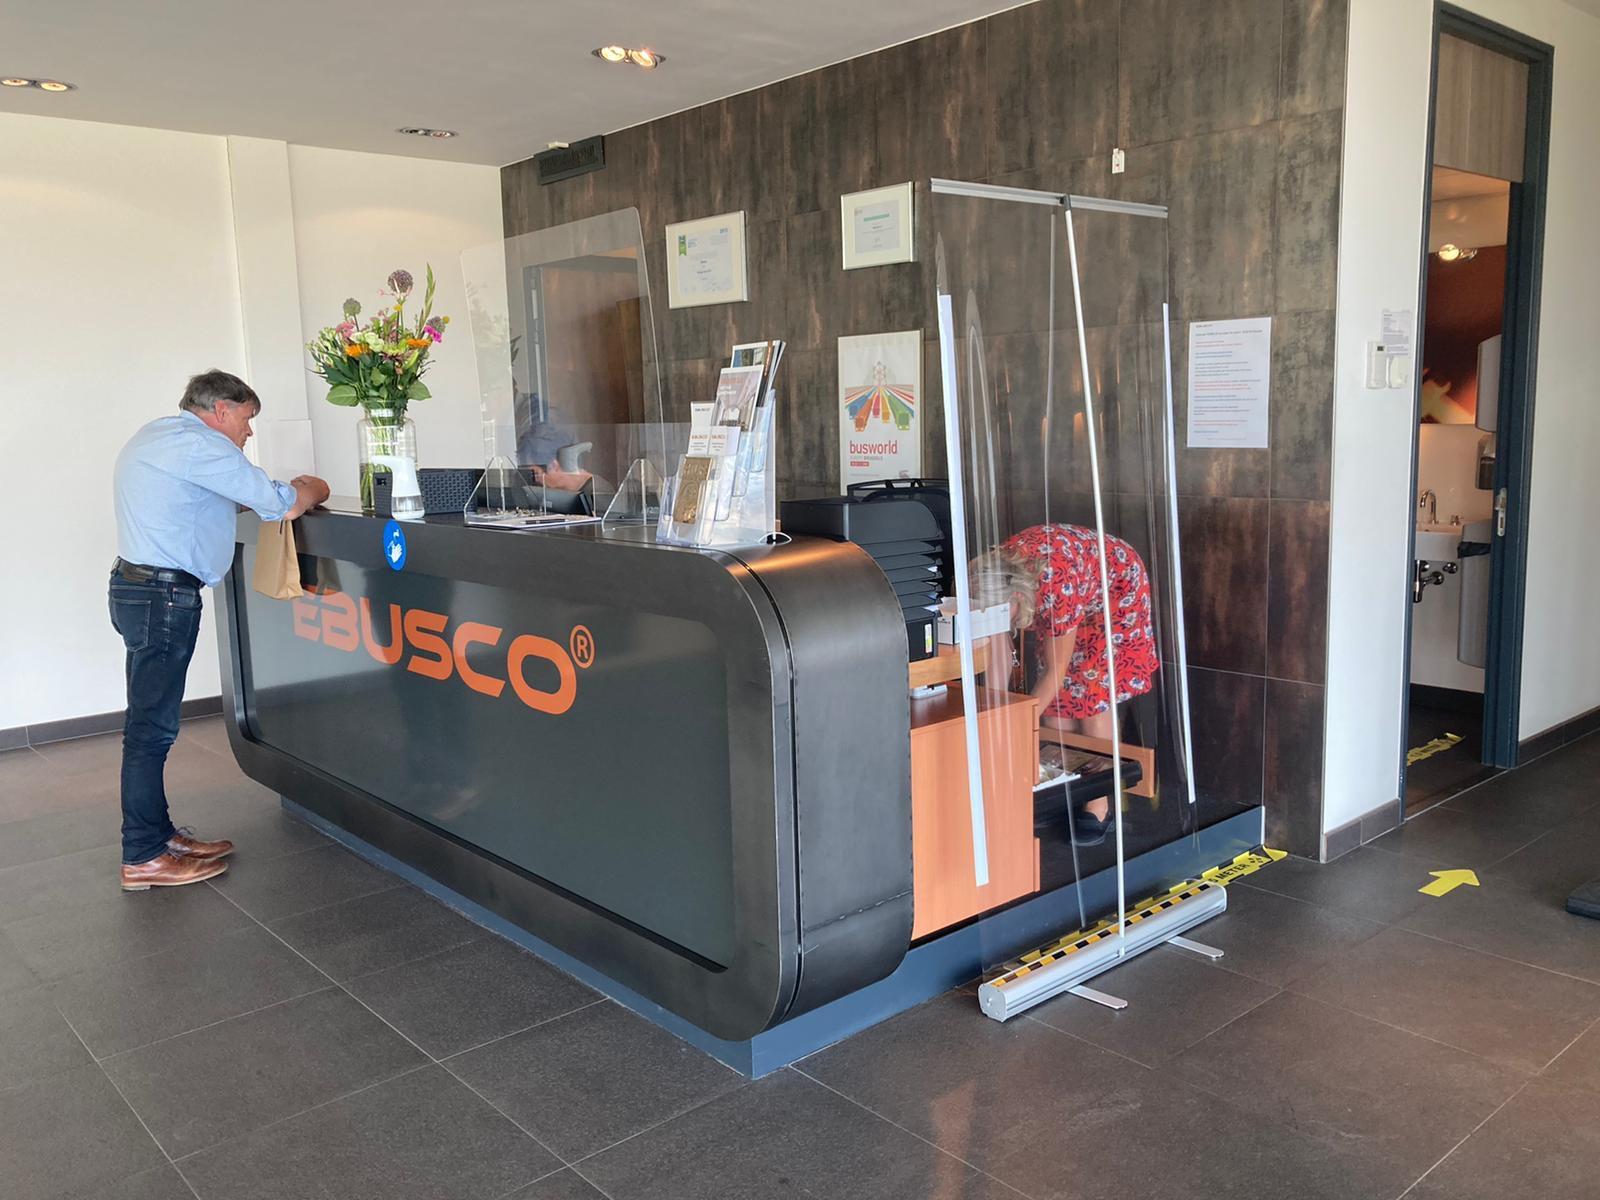 7 Ebusco werkt veilig en richt pand in volgens 1,5 meter richtlijnen 1